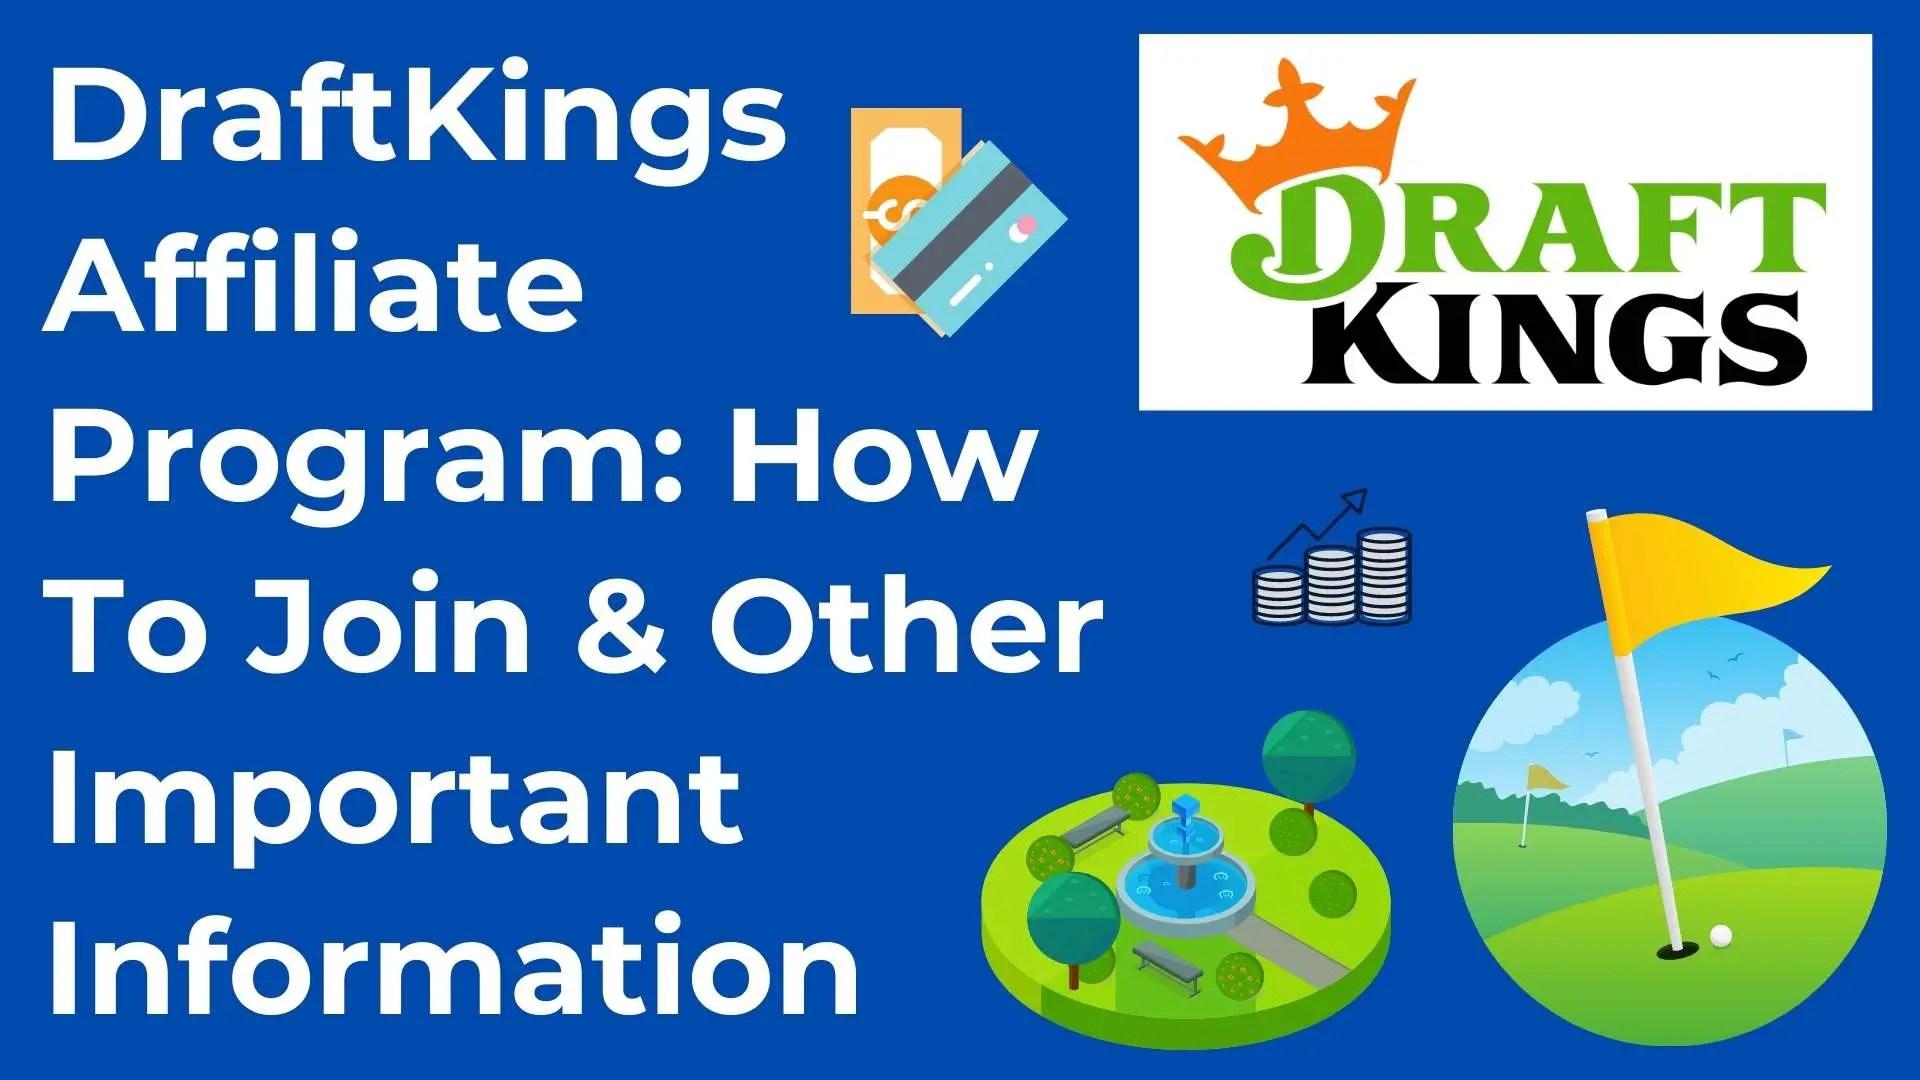 DraftKings affiliate program